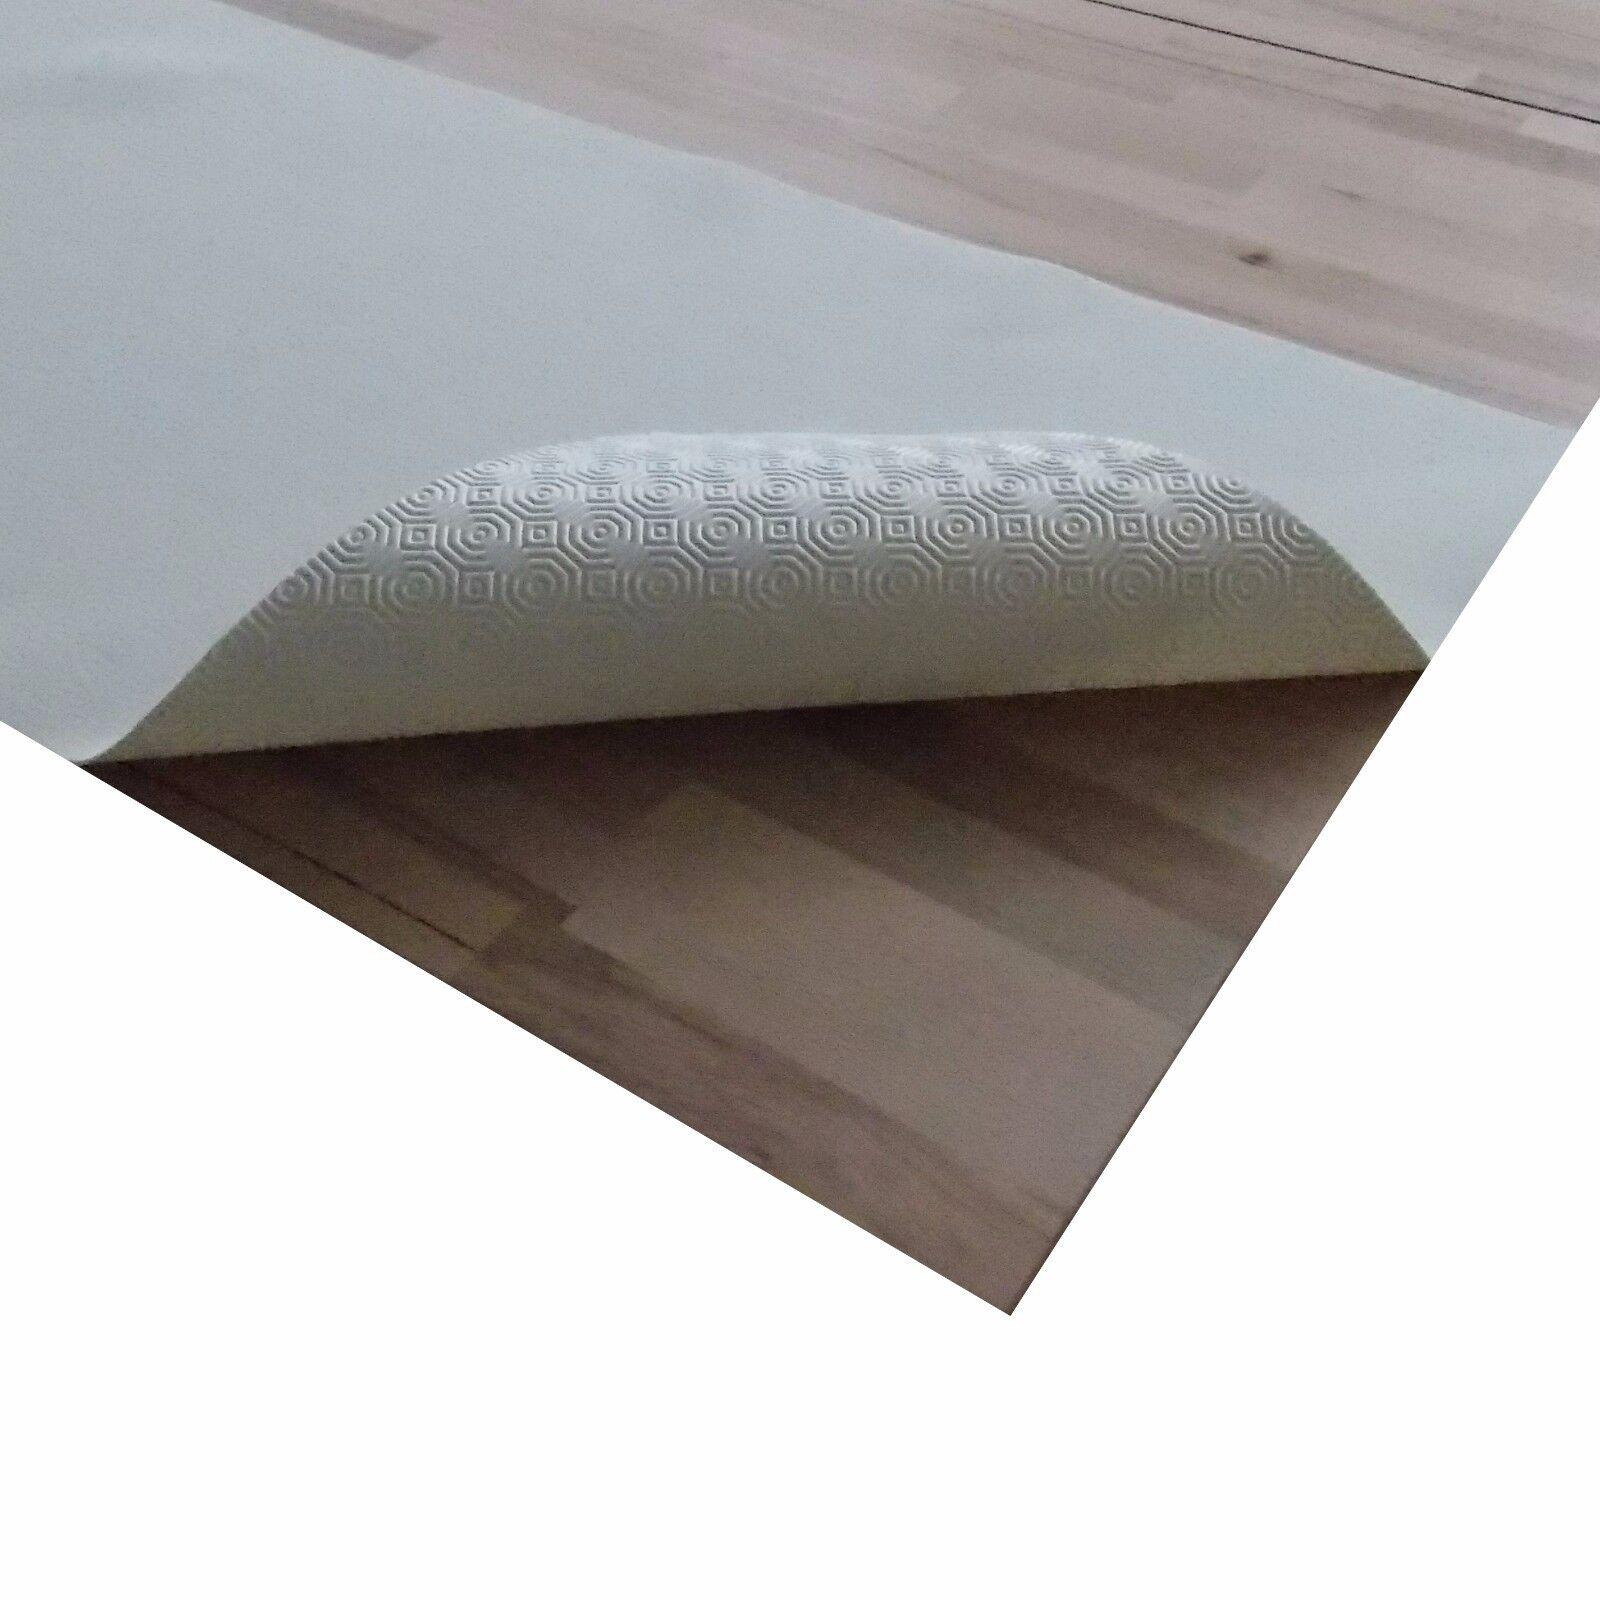 Tischpolster Breite 140 cm Länge wählbar Tischschoner Molton Schutz   Lebendige Form